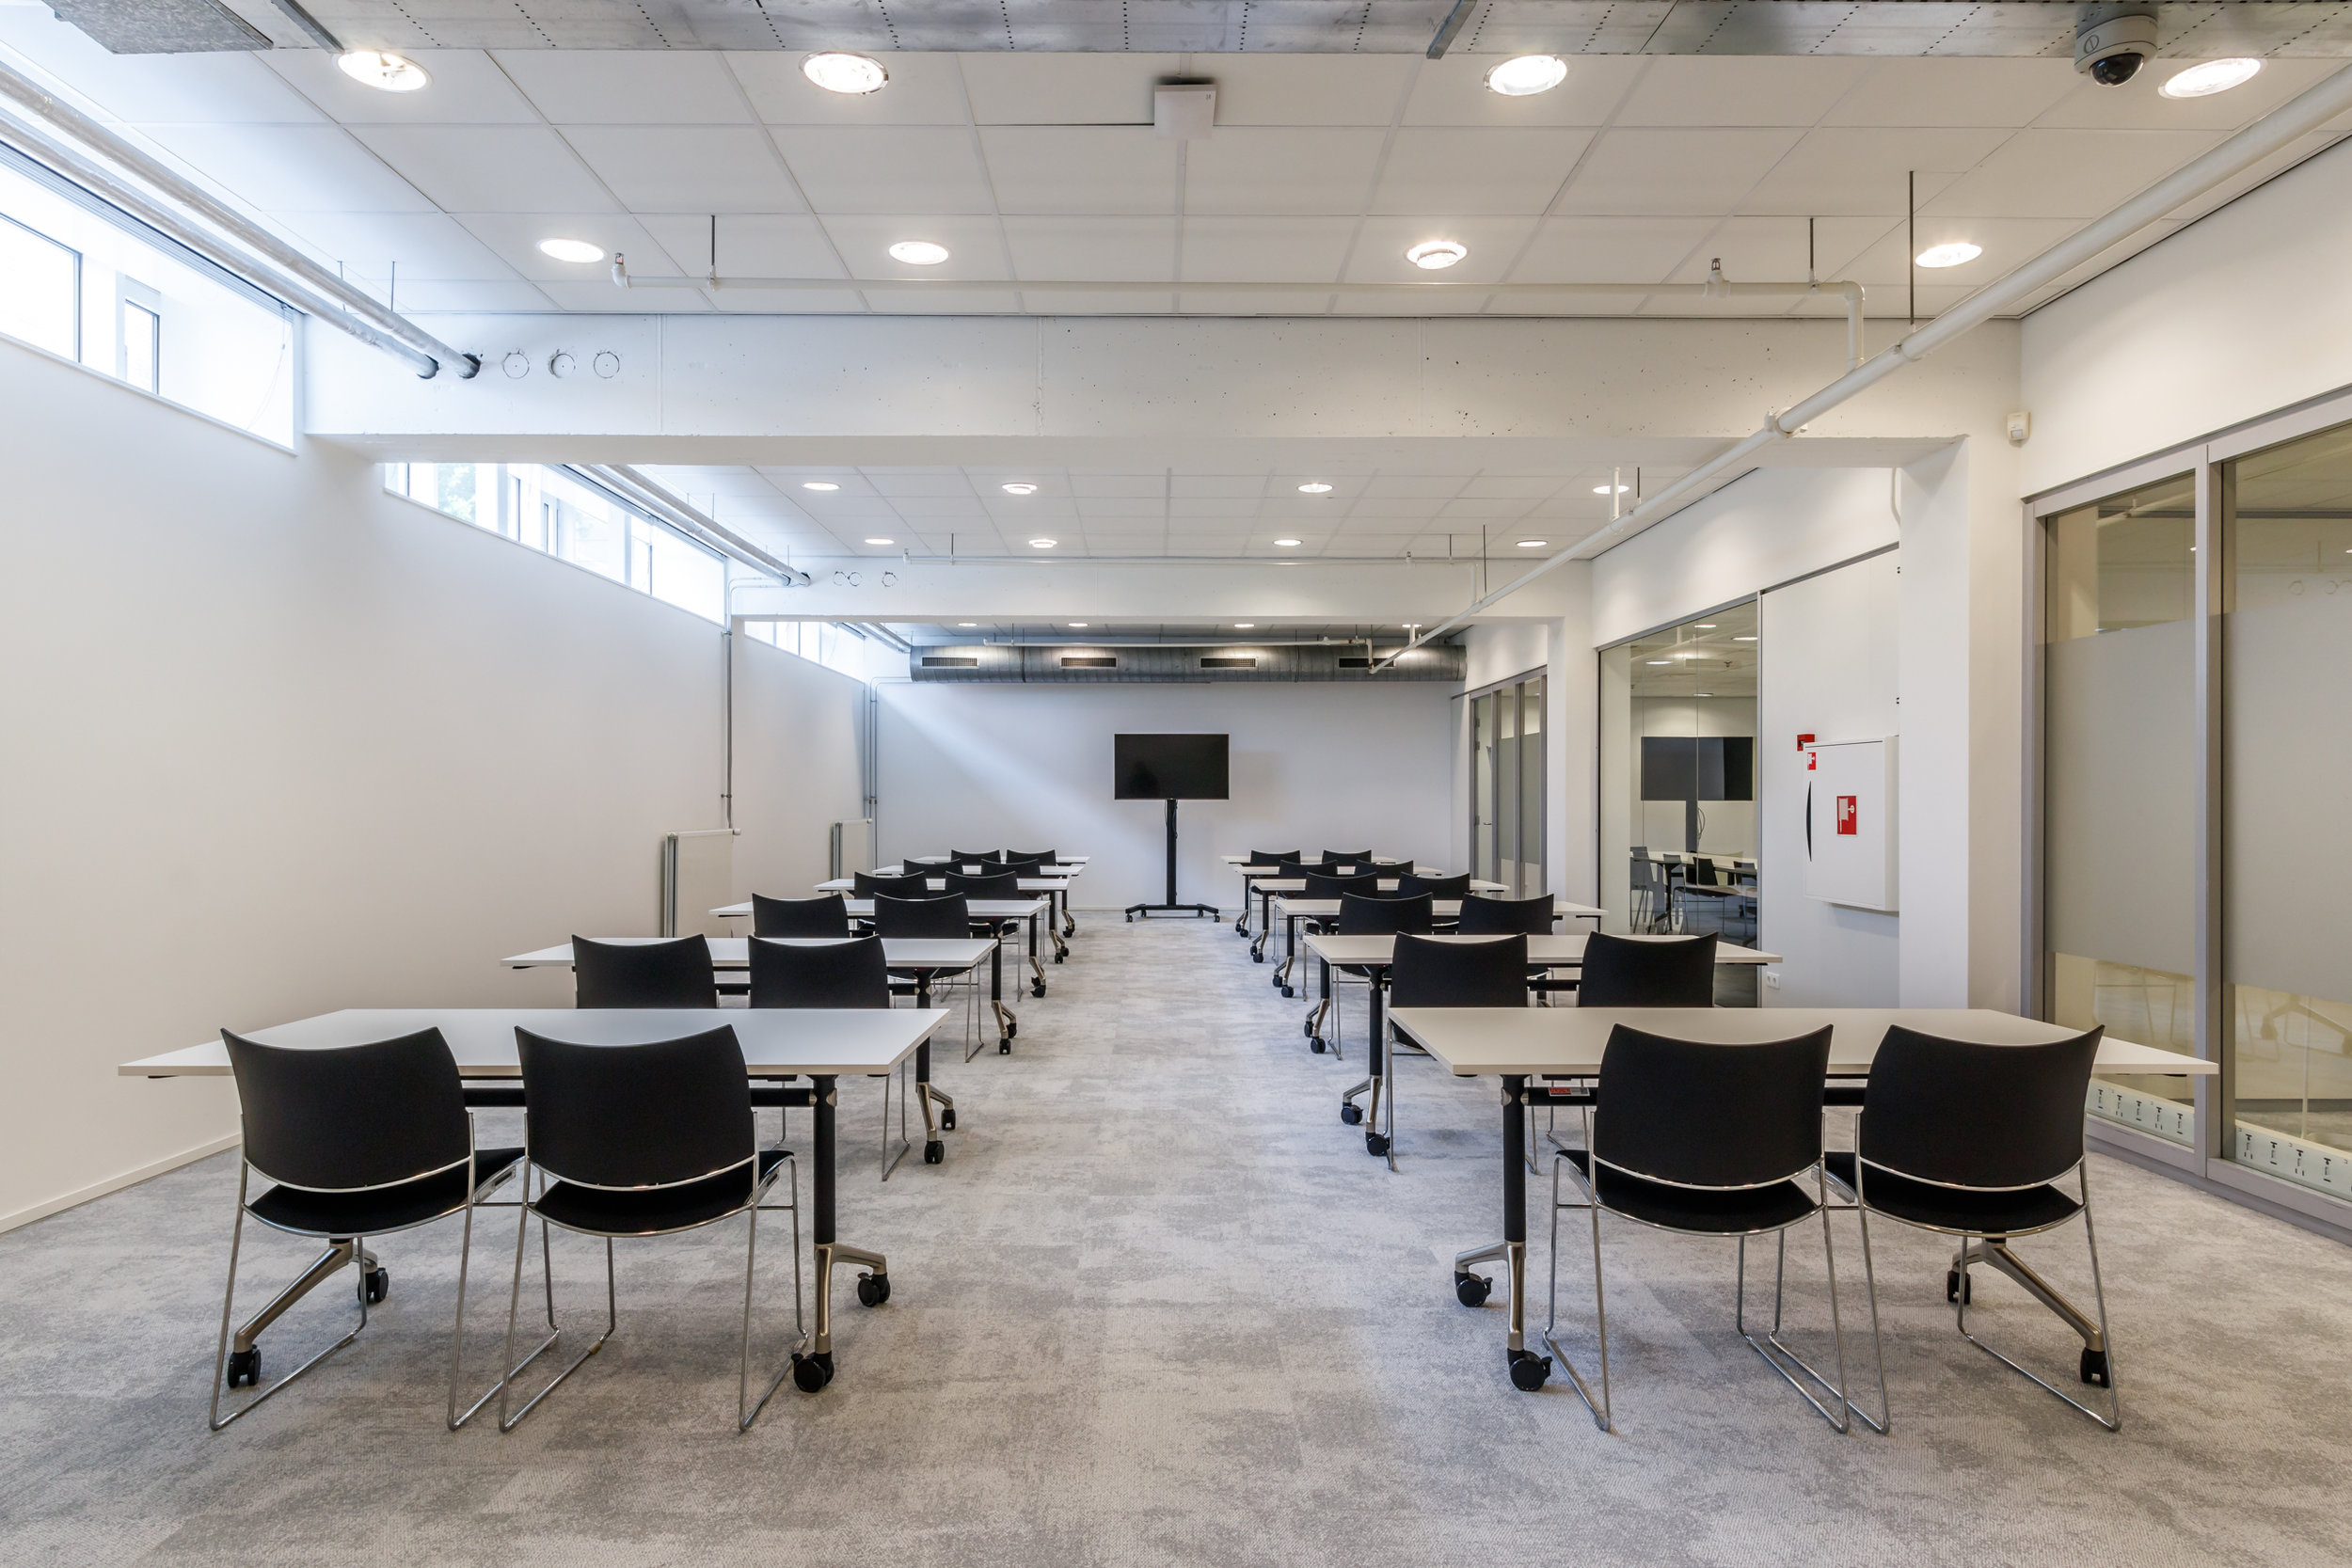 locatie utrecht - experience centre 300m2 tot 100 personen   €150 per uur  EXCL. btw